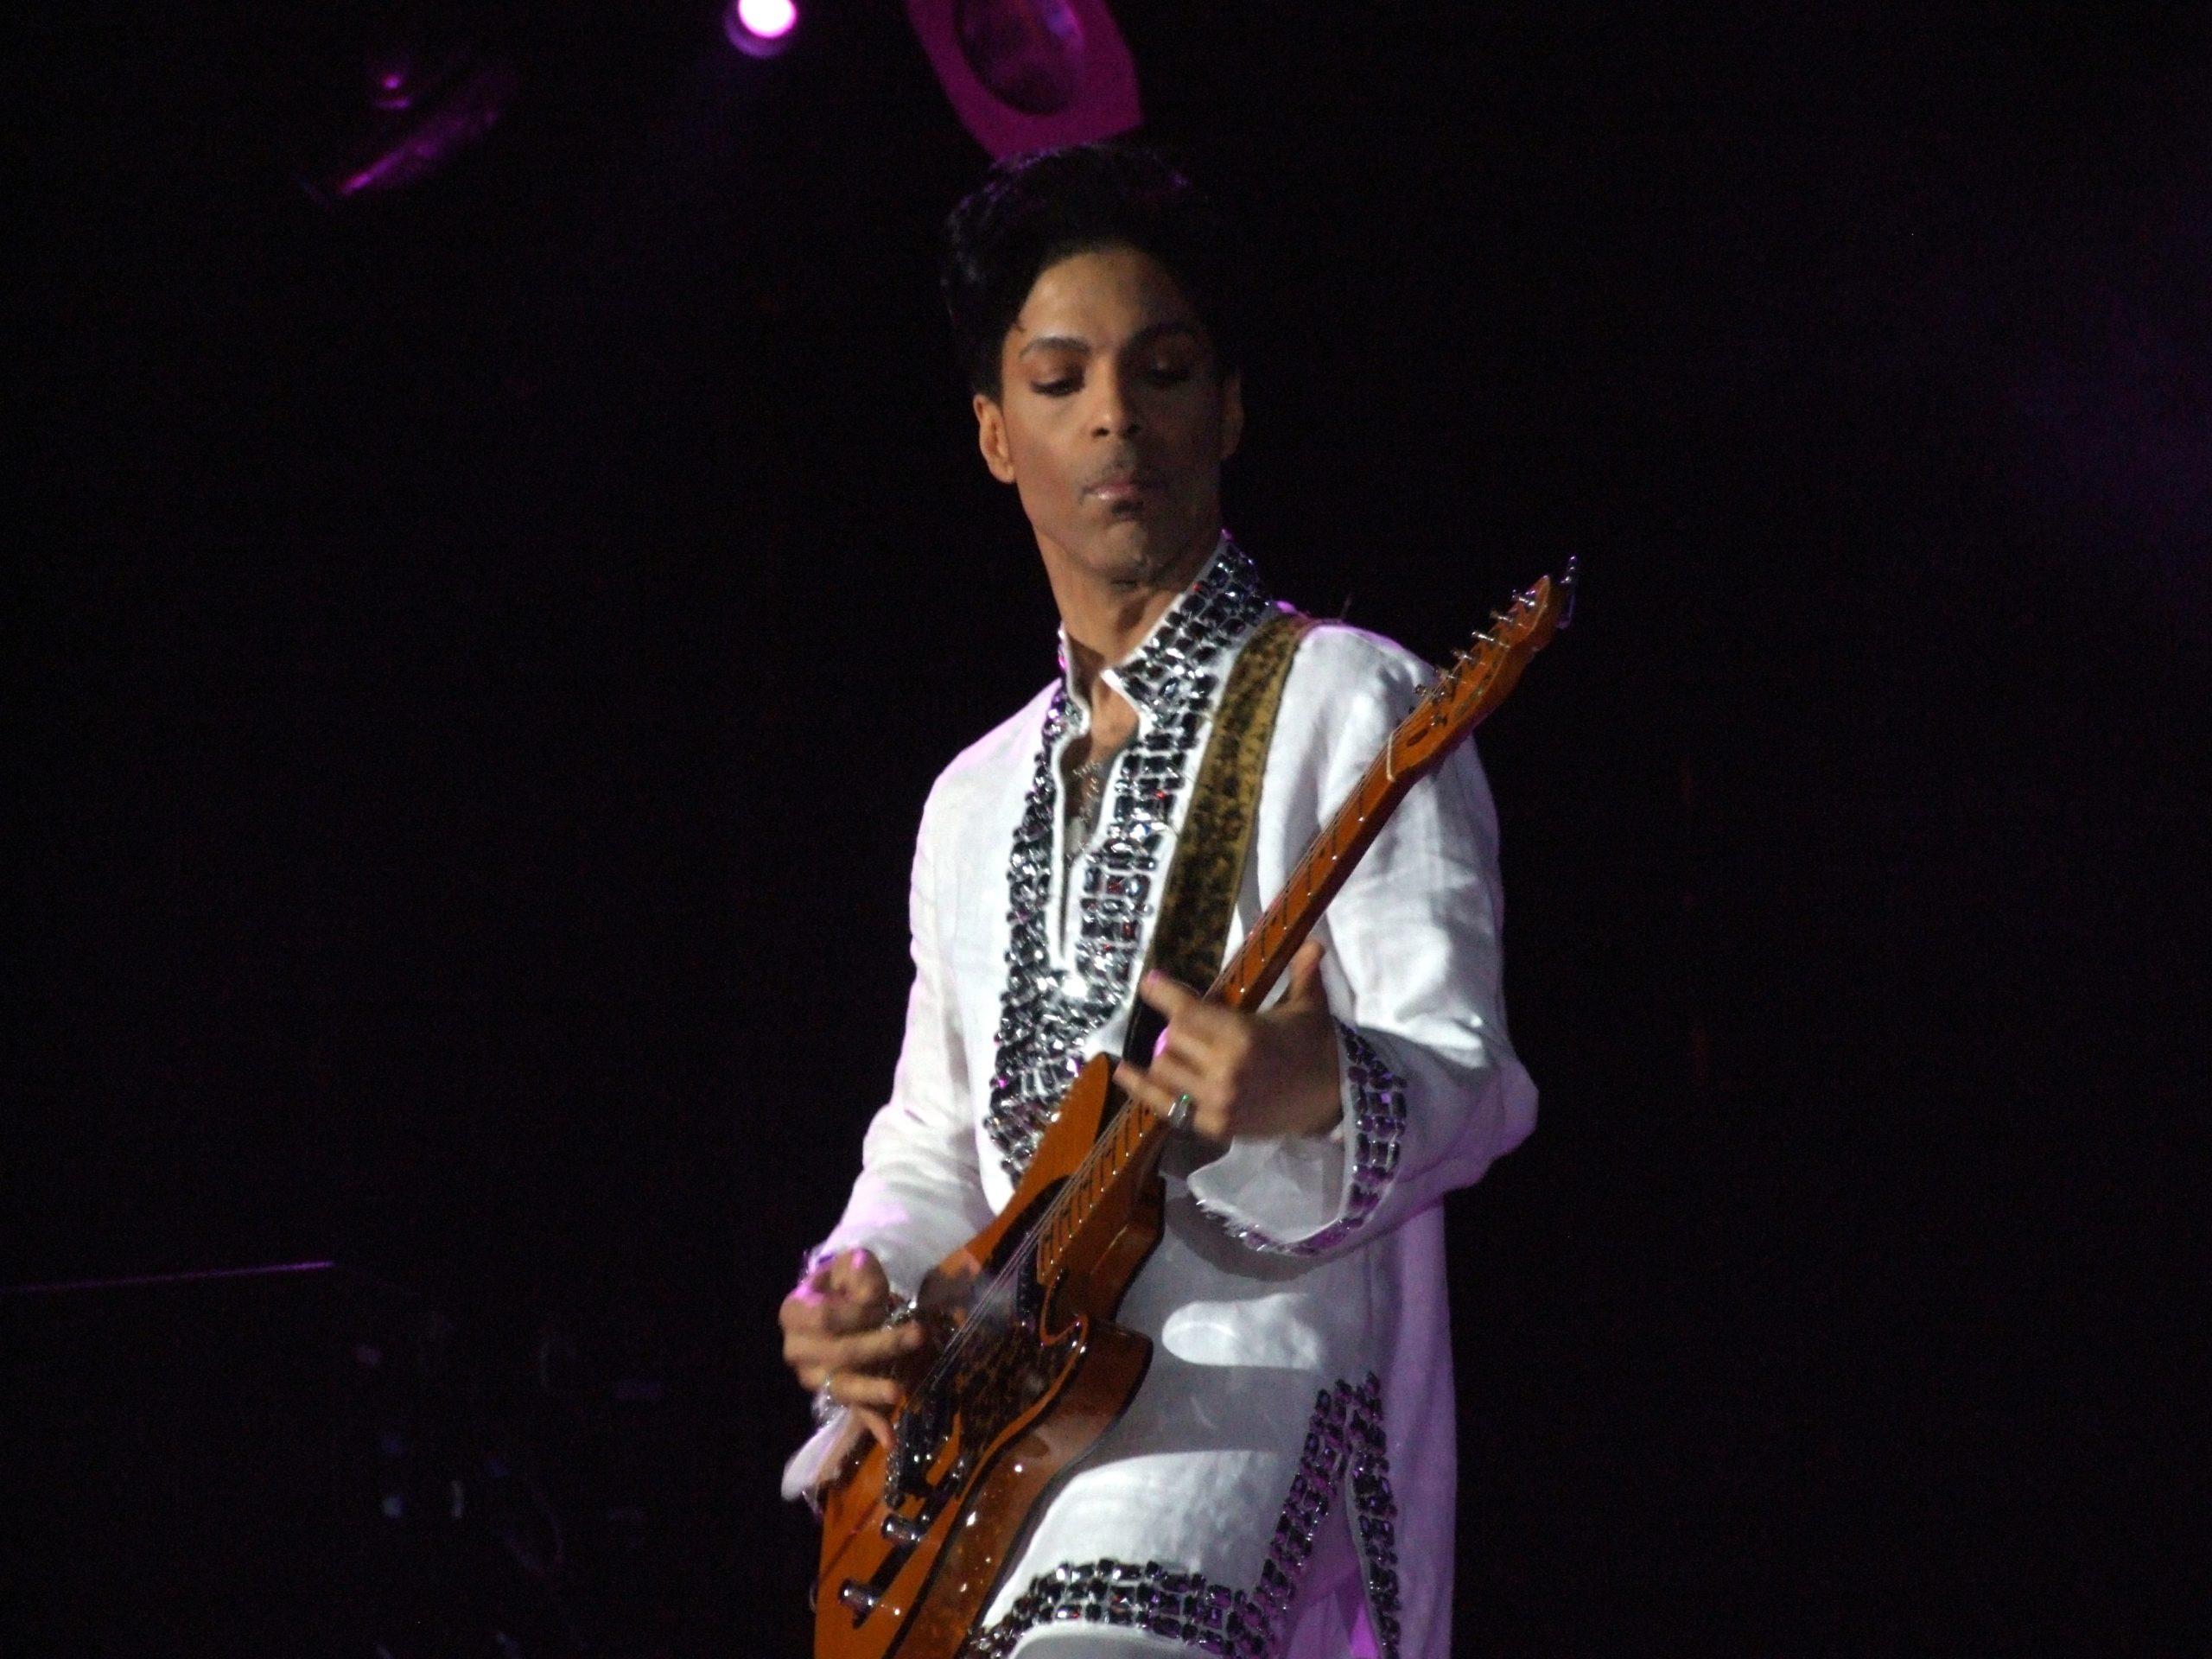 Biografía de Prince